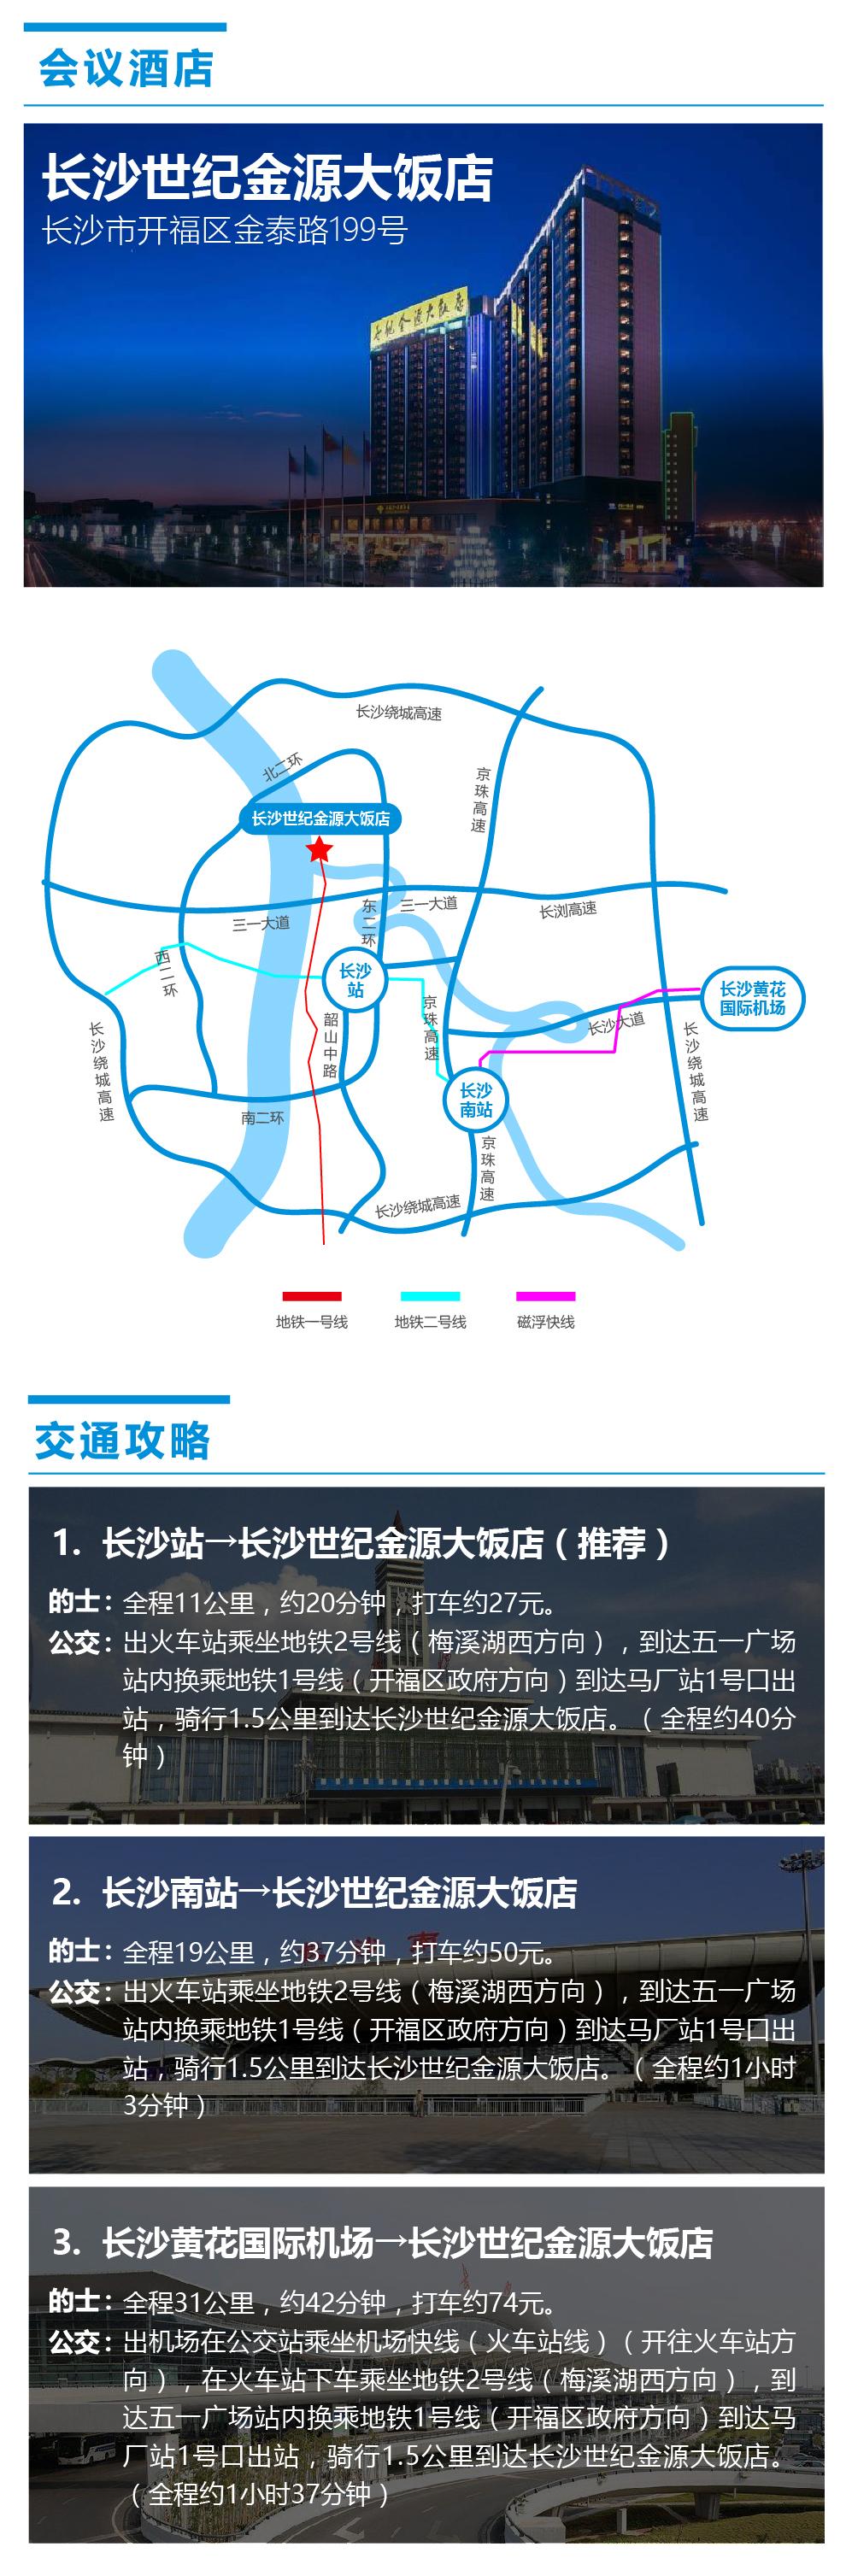 长沙交通指南.jpeg